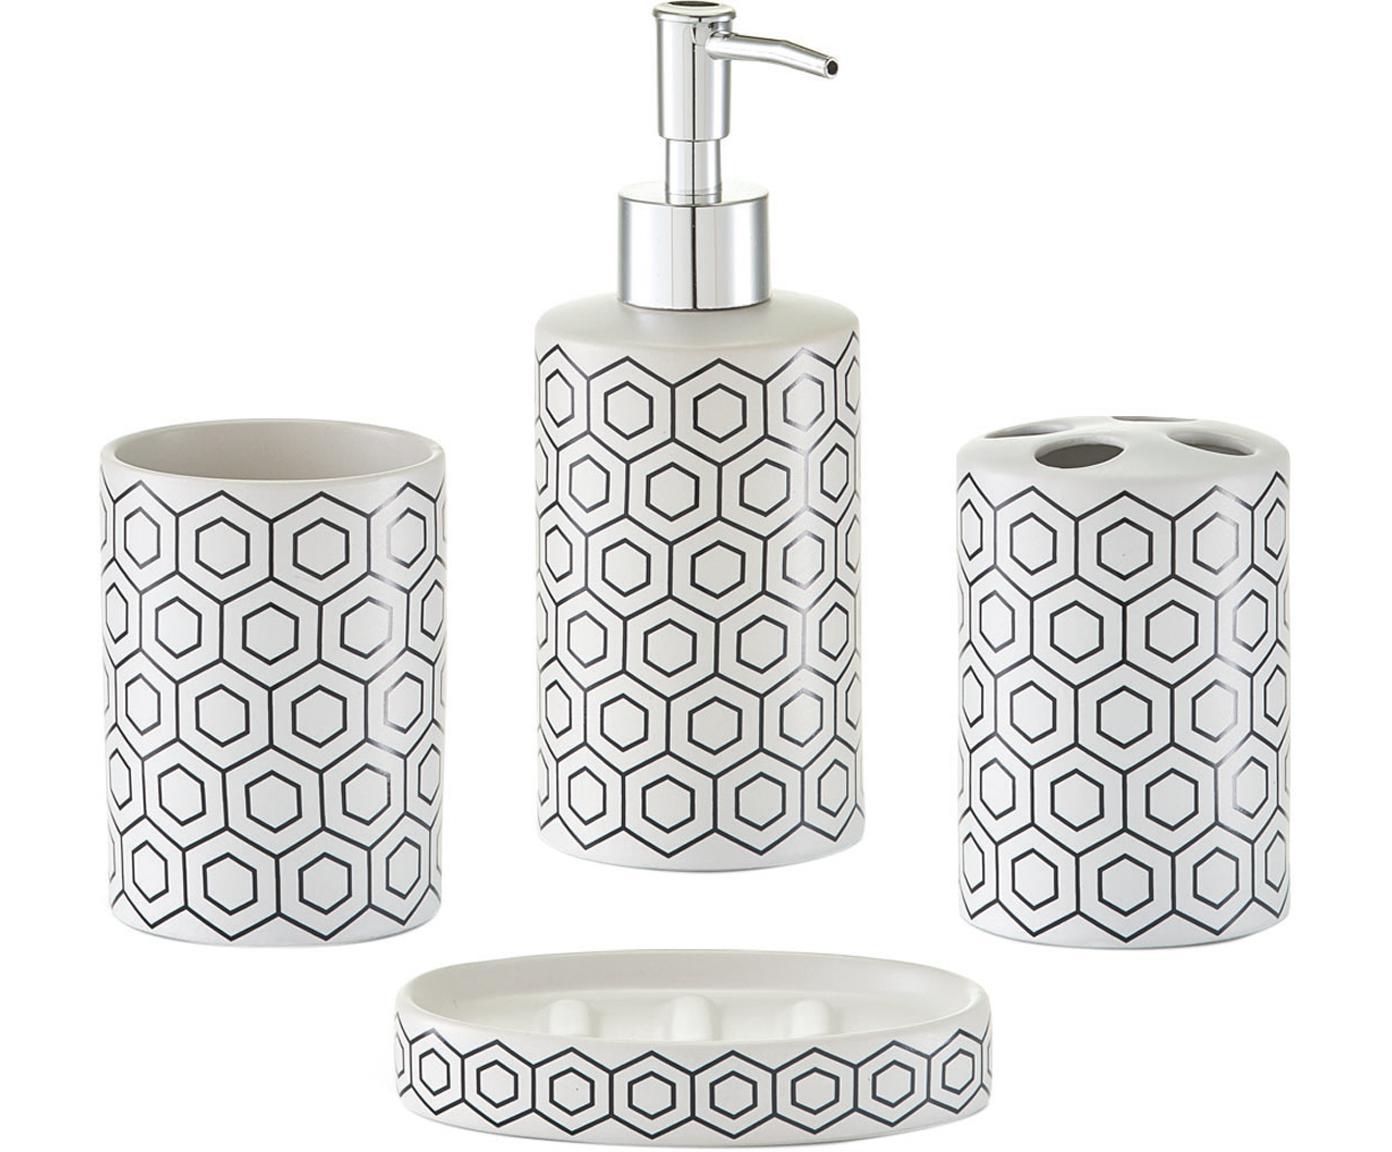 Set de accesorios de baño Graphic, 4pzas., Dosificador: plástico, Negro, blanco, Tamaños diferentes